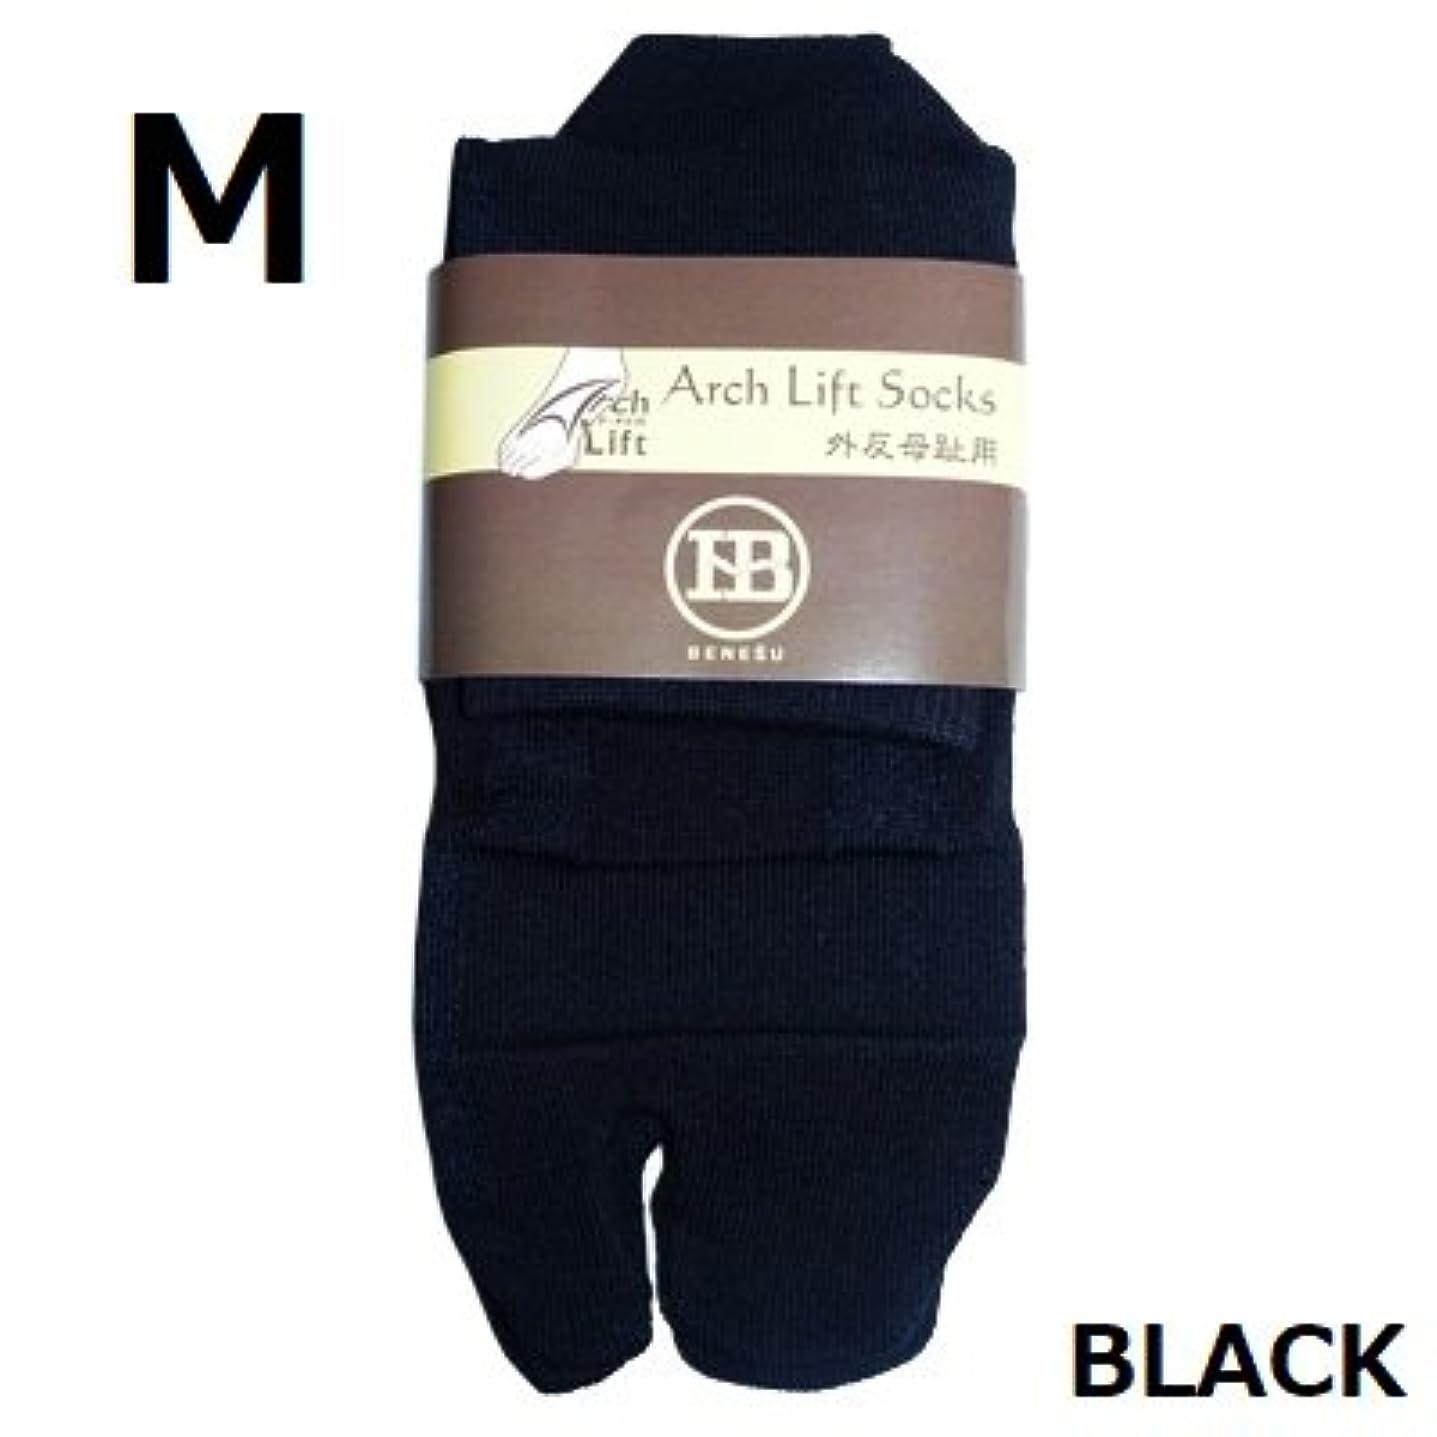 冷淡なボーナス一瞬アーチライフソックス 外反母趾 テーピング加工靴下 サポーター(カラー:黒色)(サイズ:M)